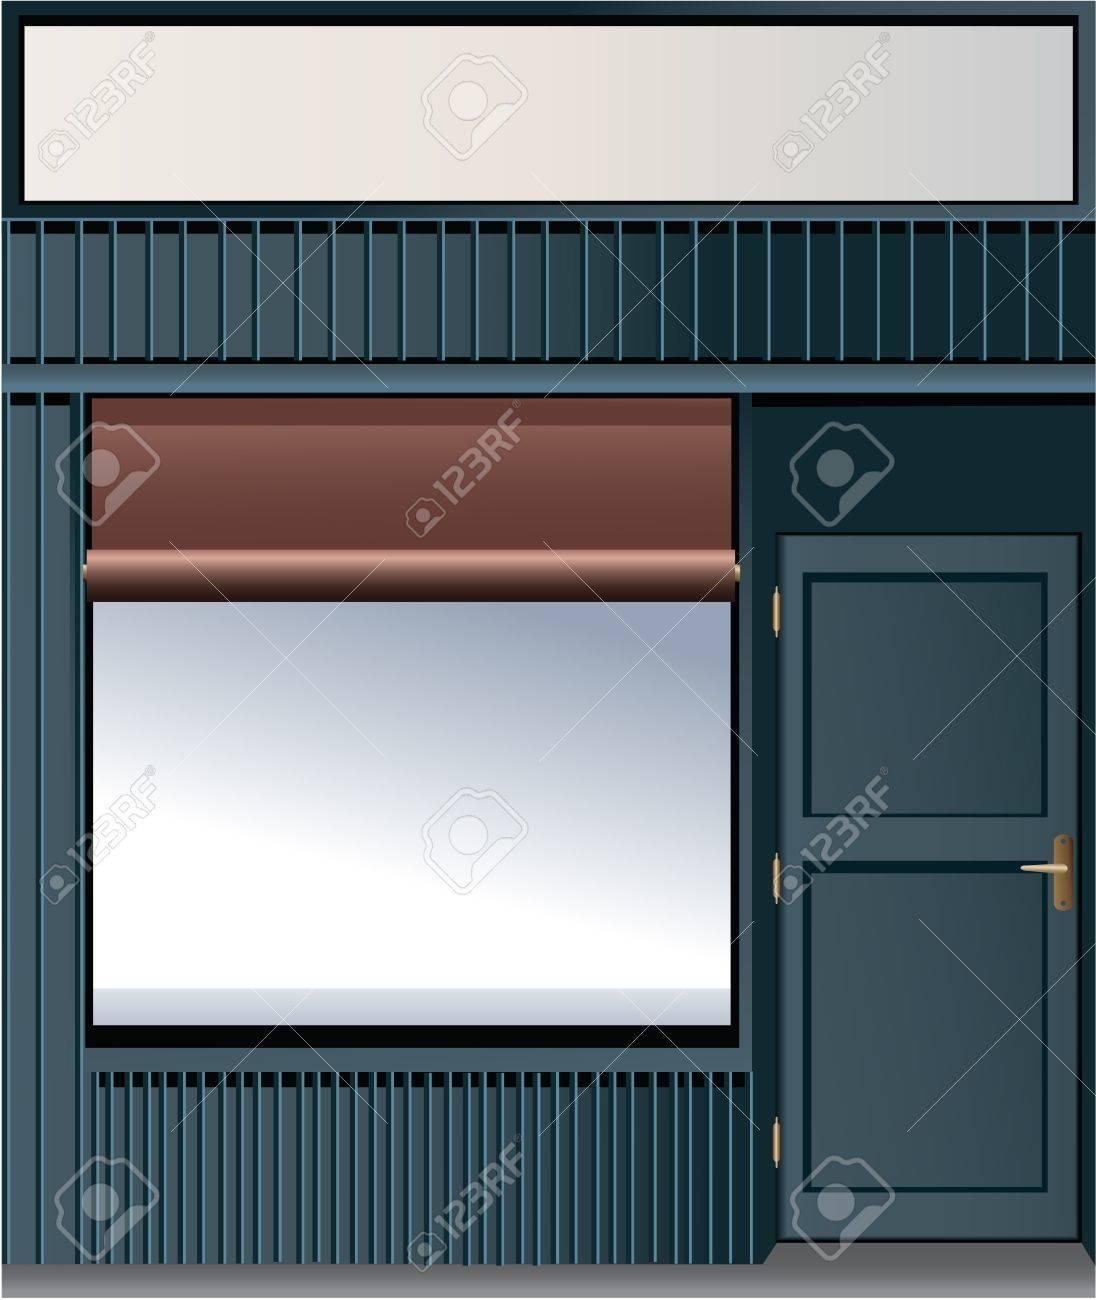 Shop window Stock Vector - 17694920